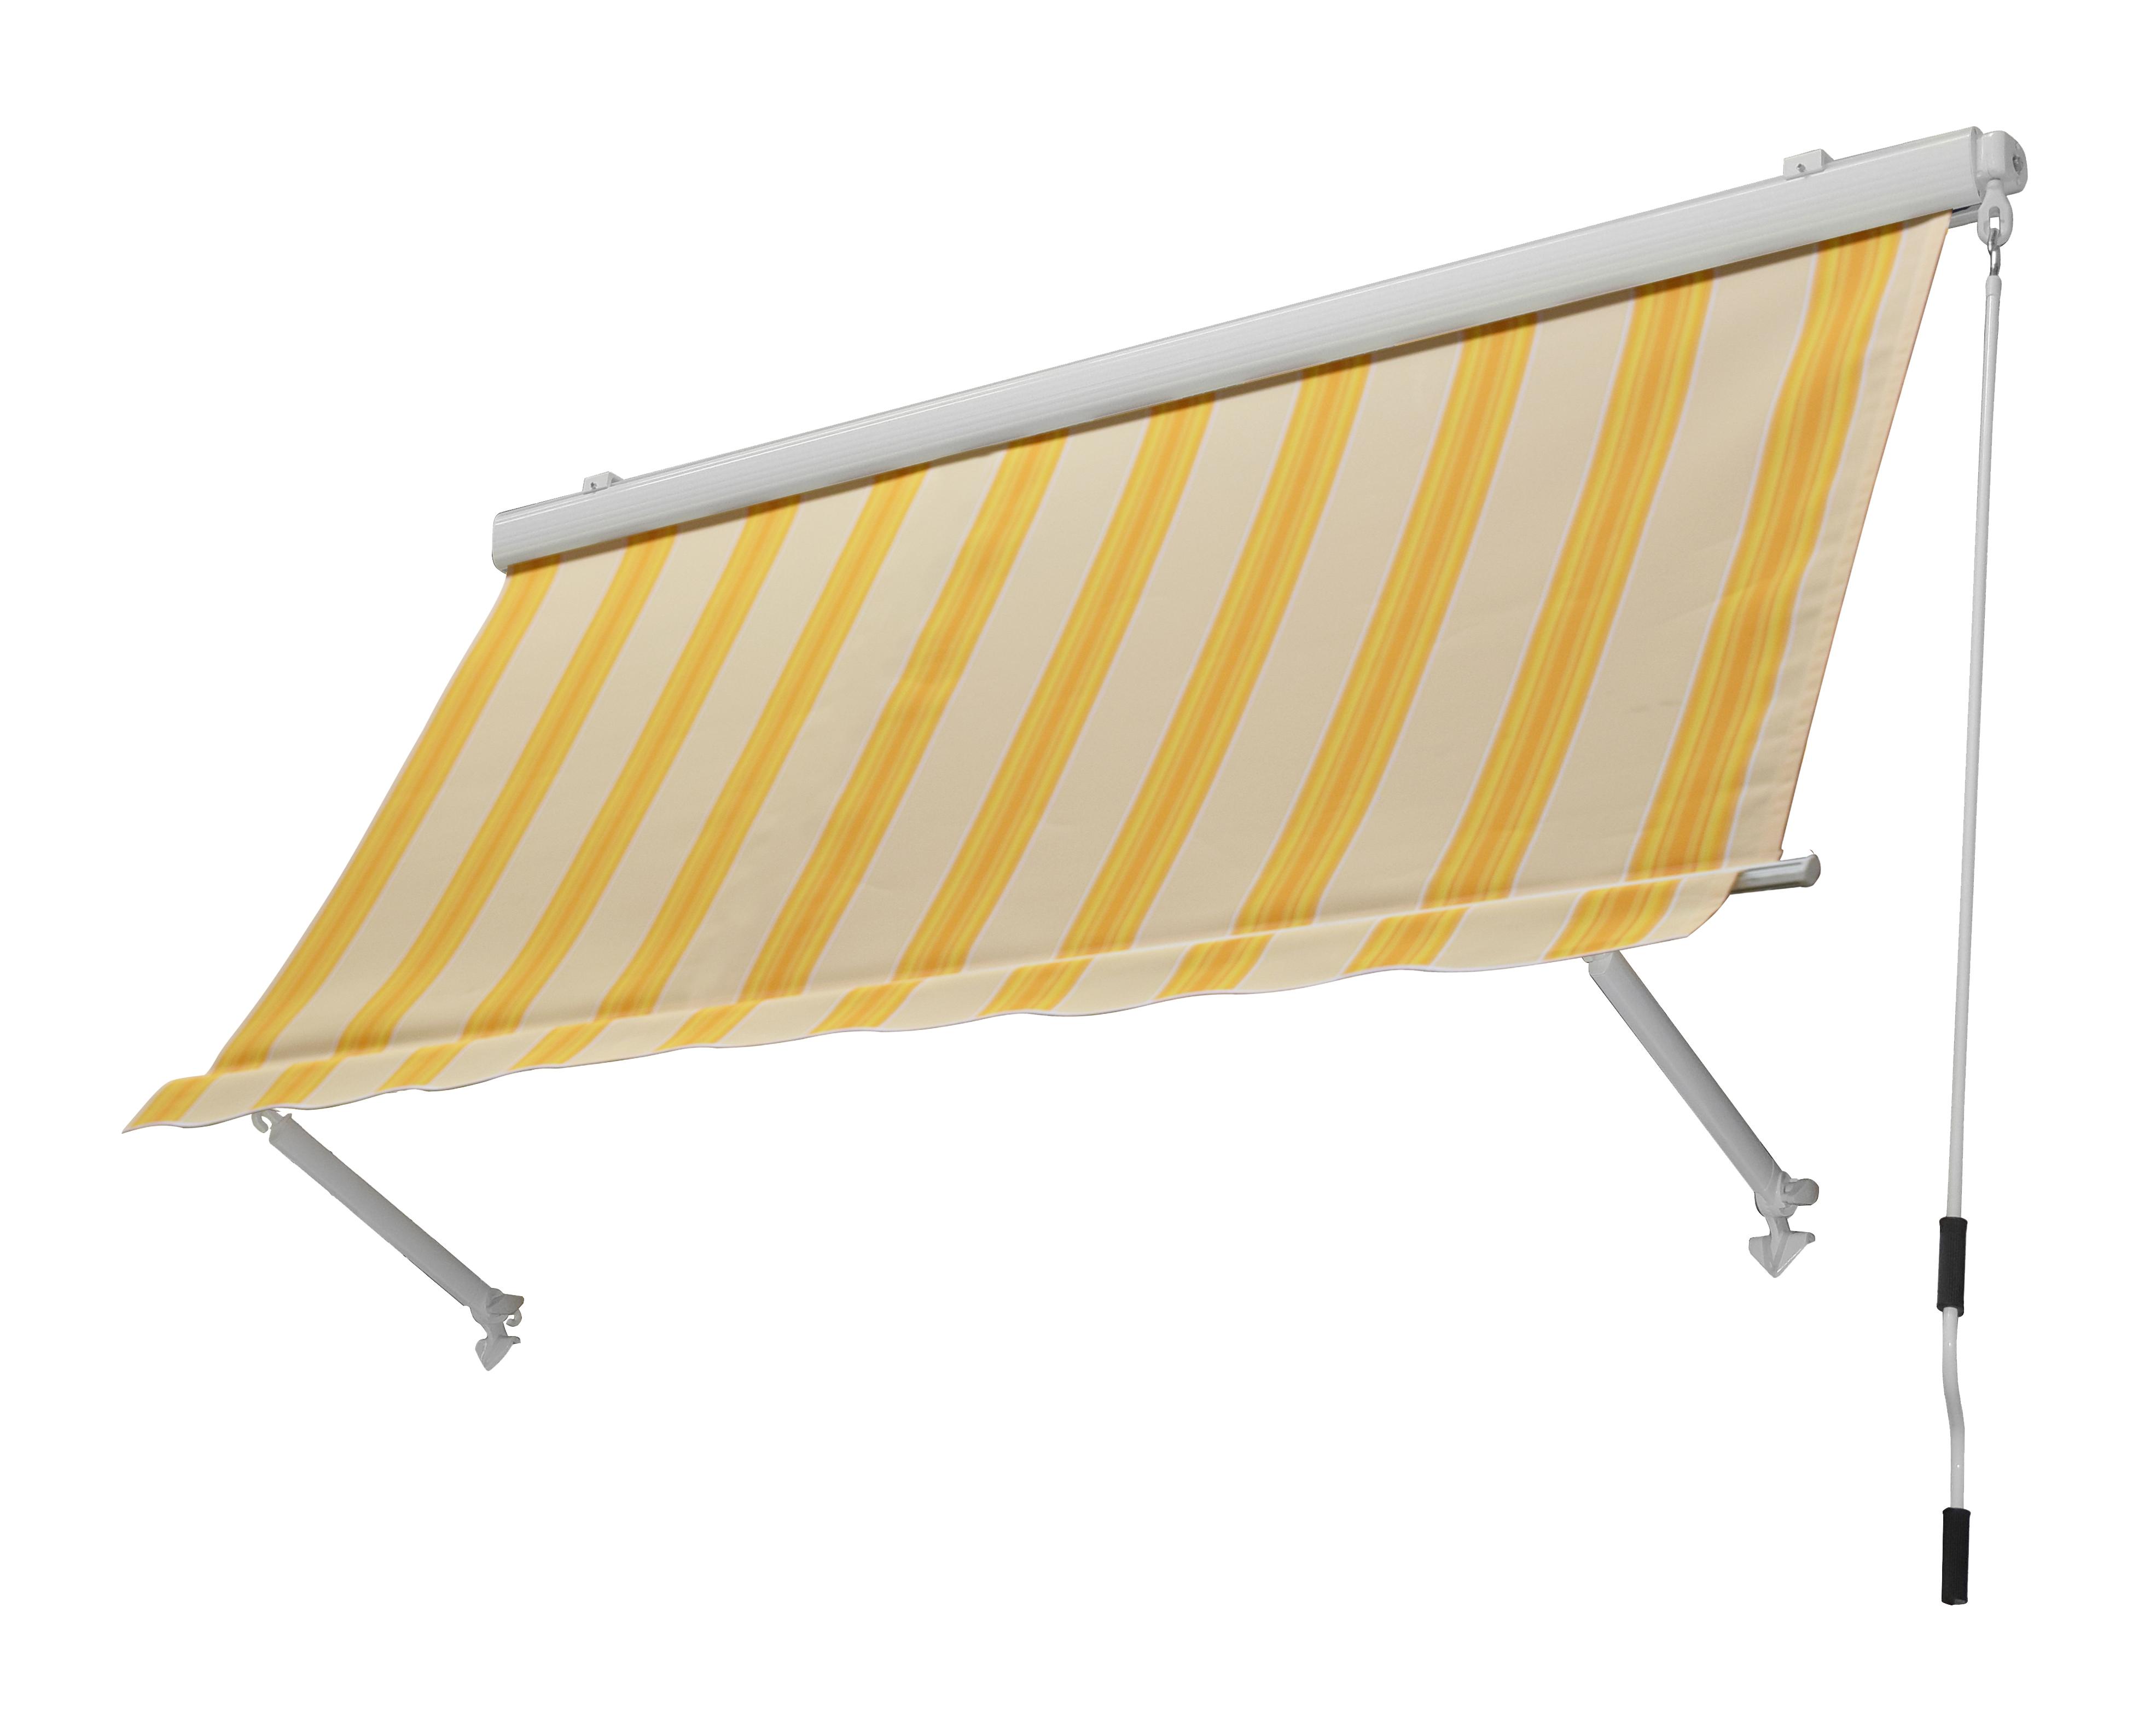 Tenda Da Sole 250x250cm Cassonata Beige Giallo Bricocasa